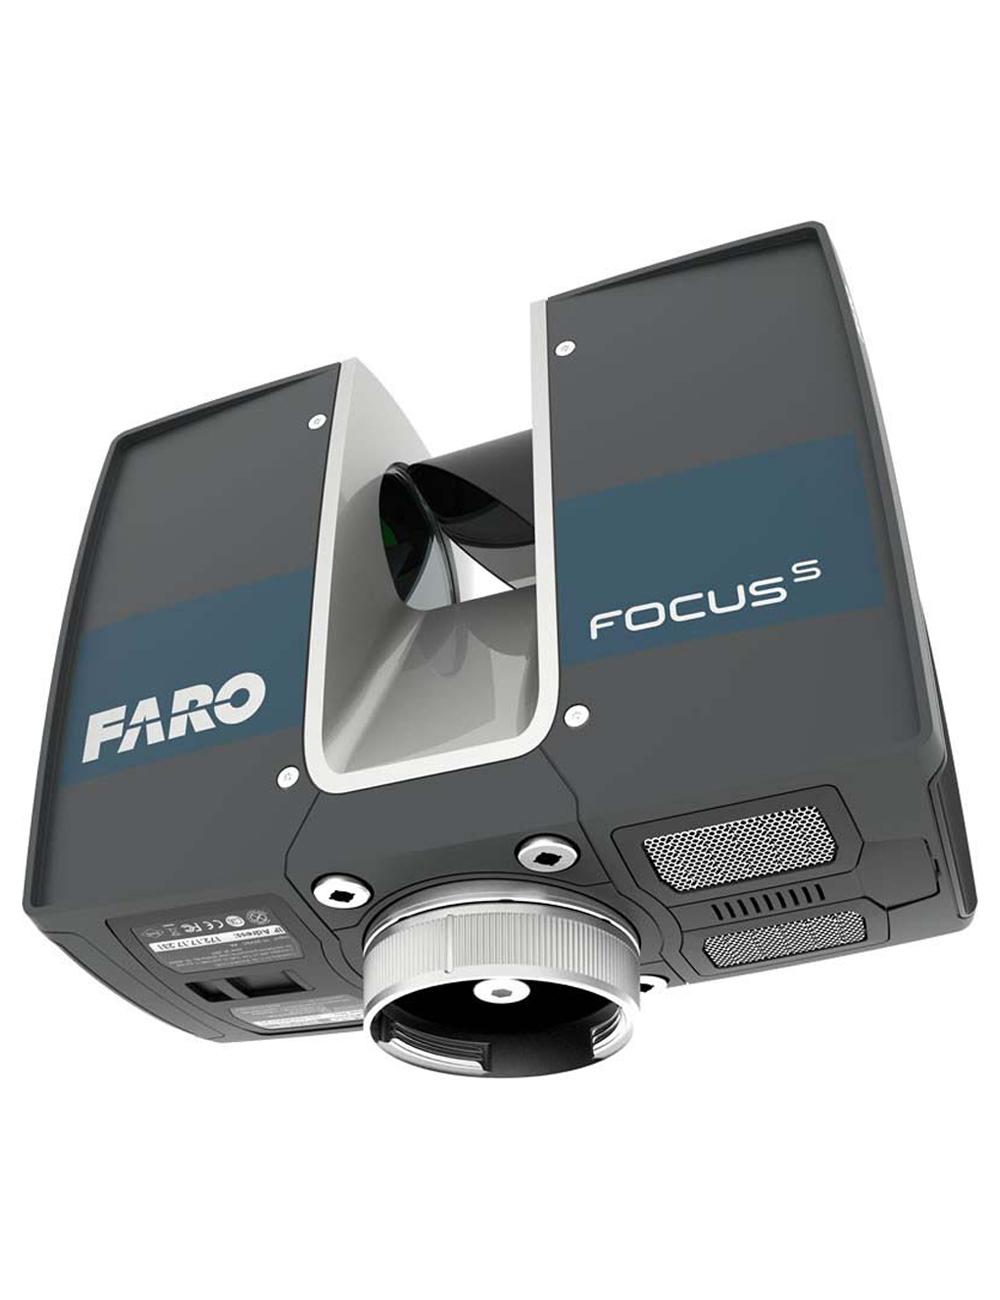 Faro-Focus-S-70-for-buy.jpg